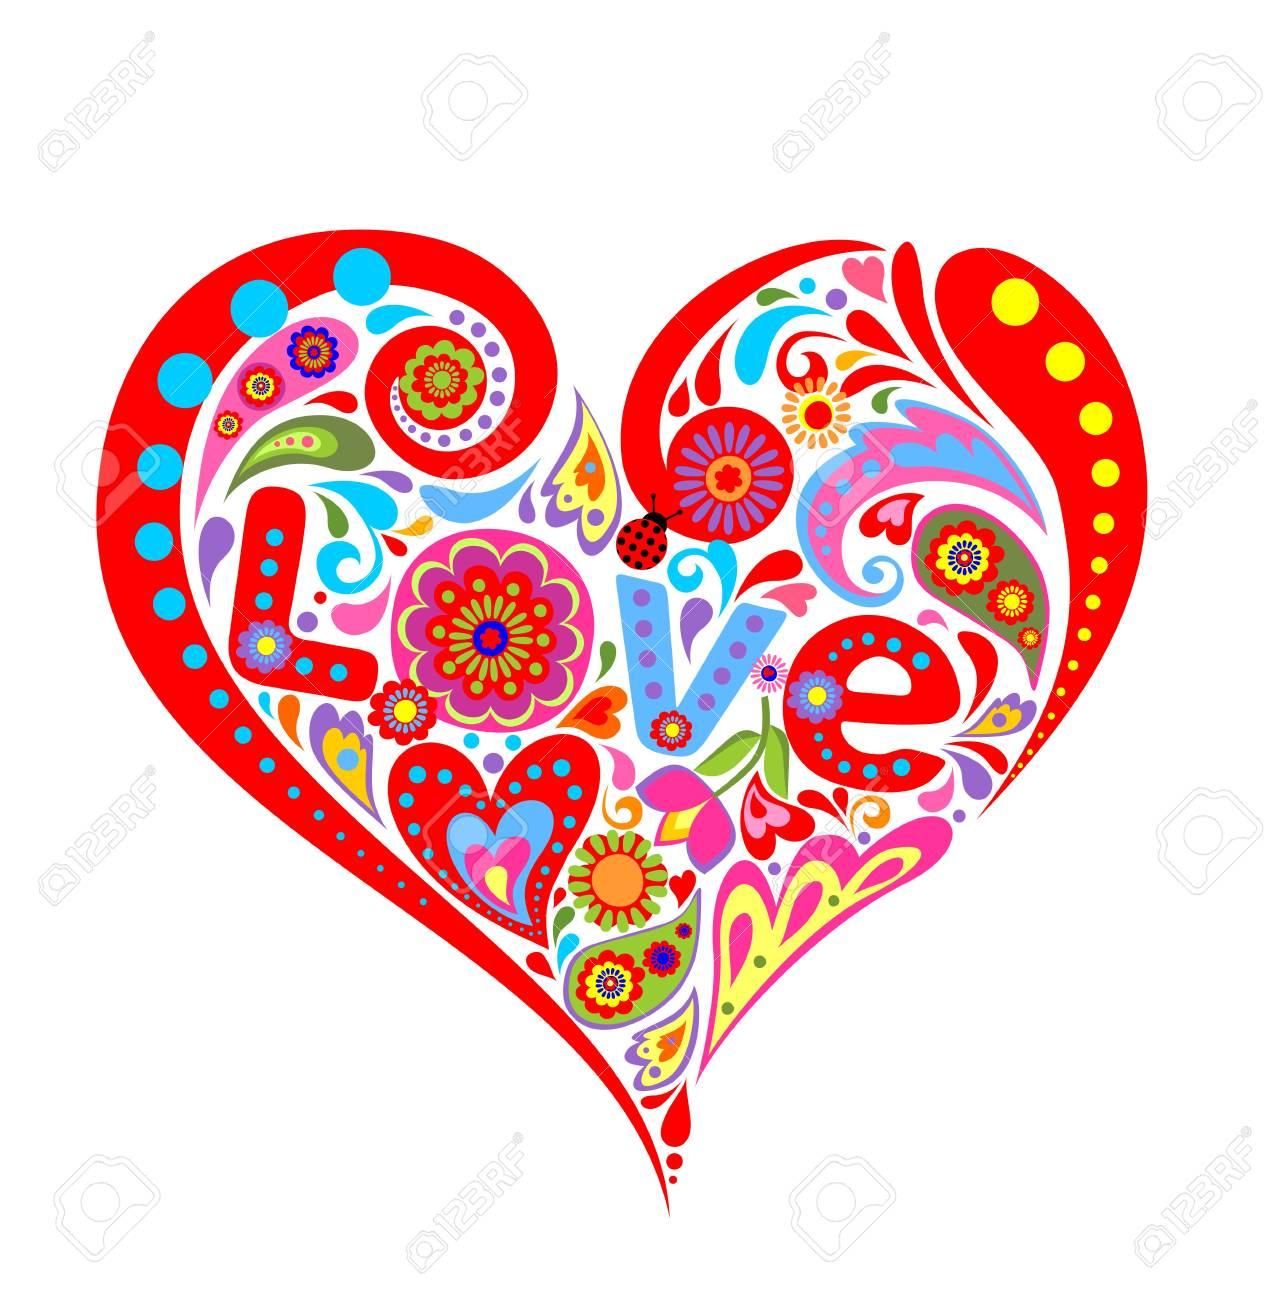 Imprimir Con El Corazón Para El Día De San Valentín Ilustraciones